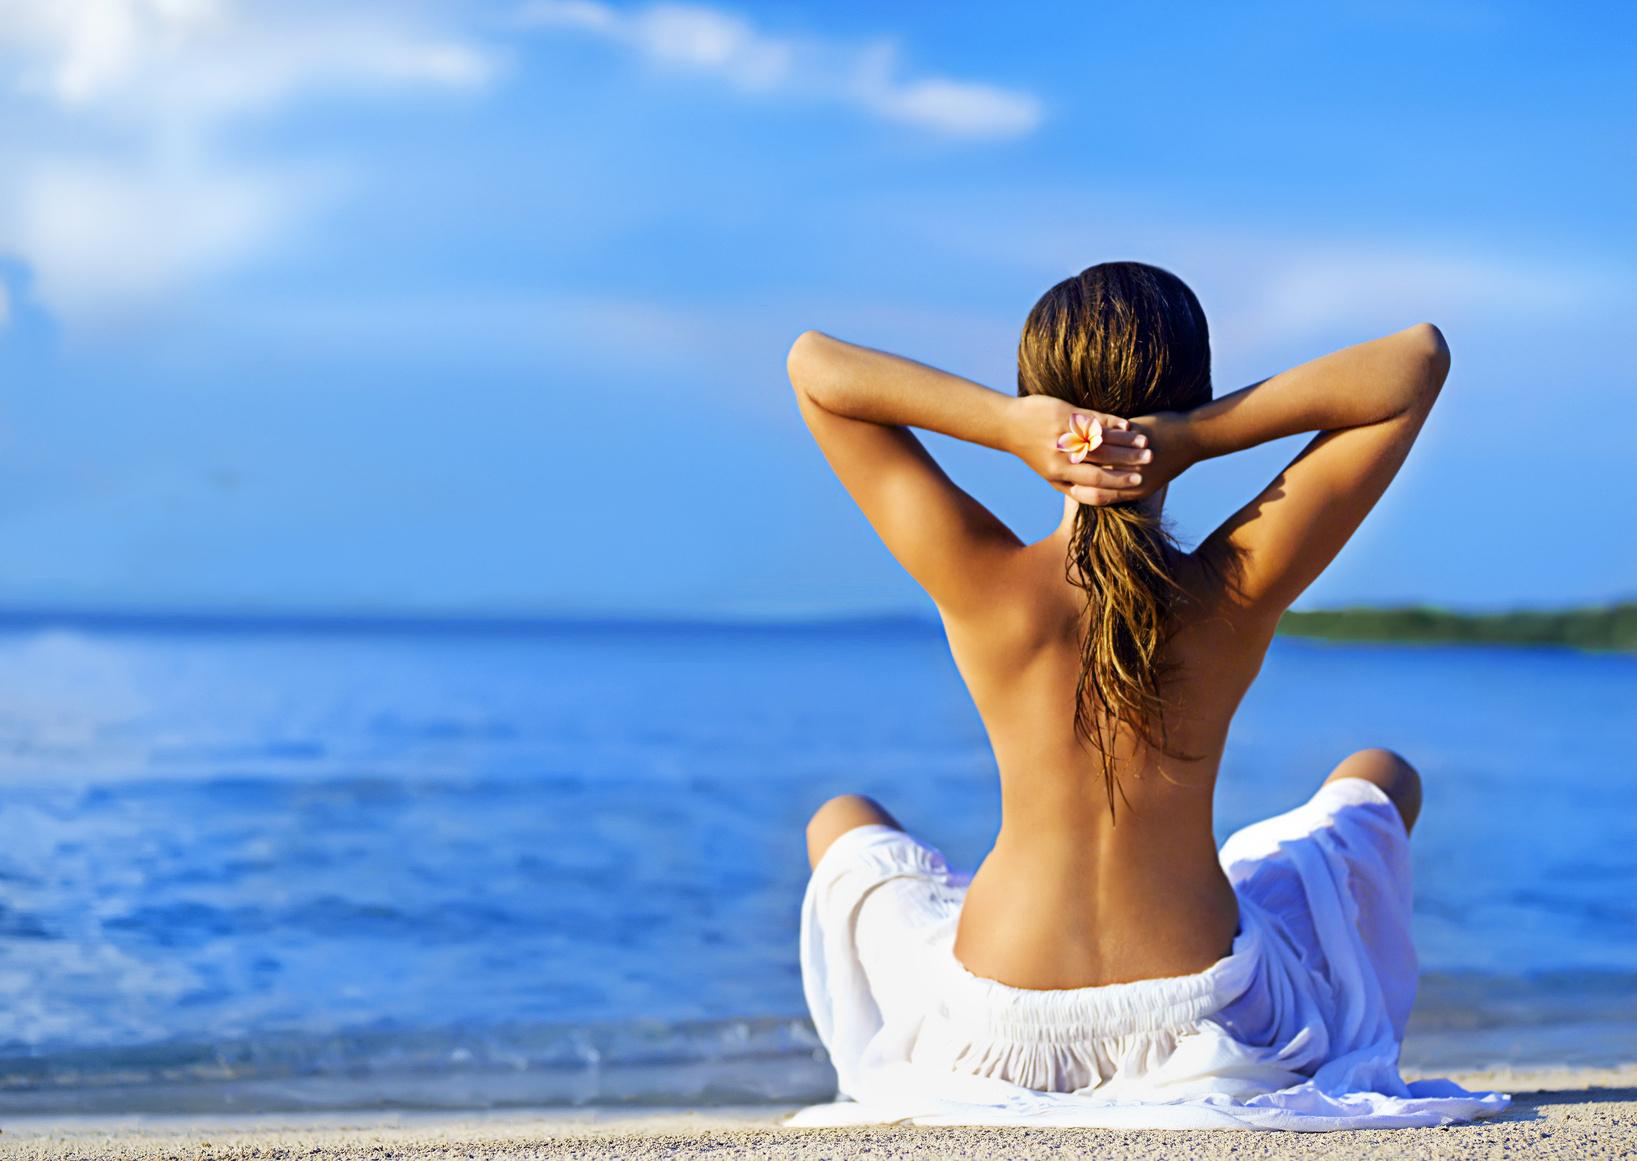 Фото со спины девушка в купальнике » Лучшие фото